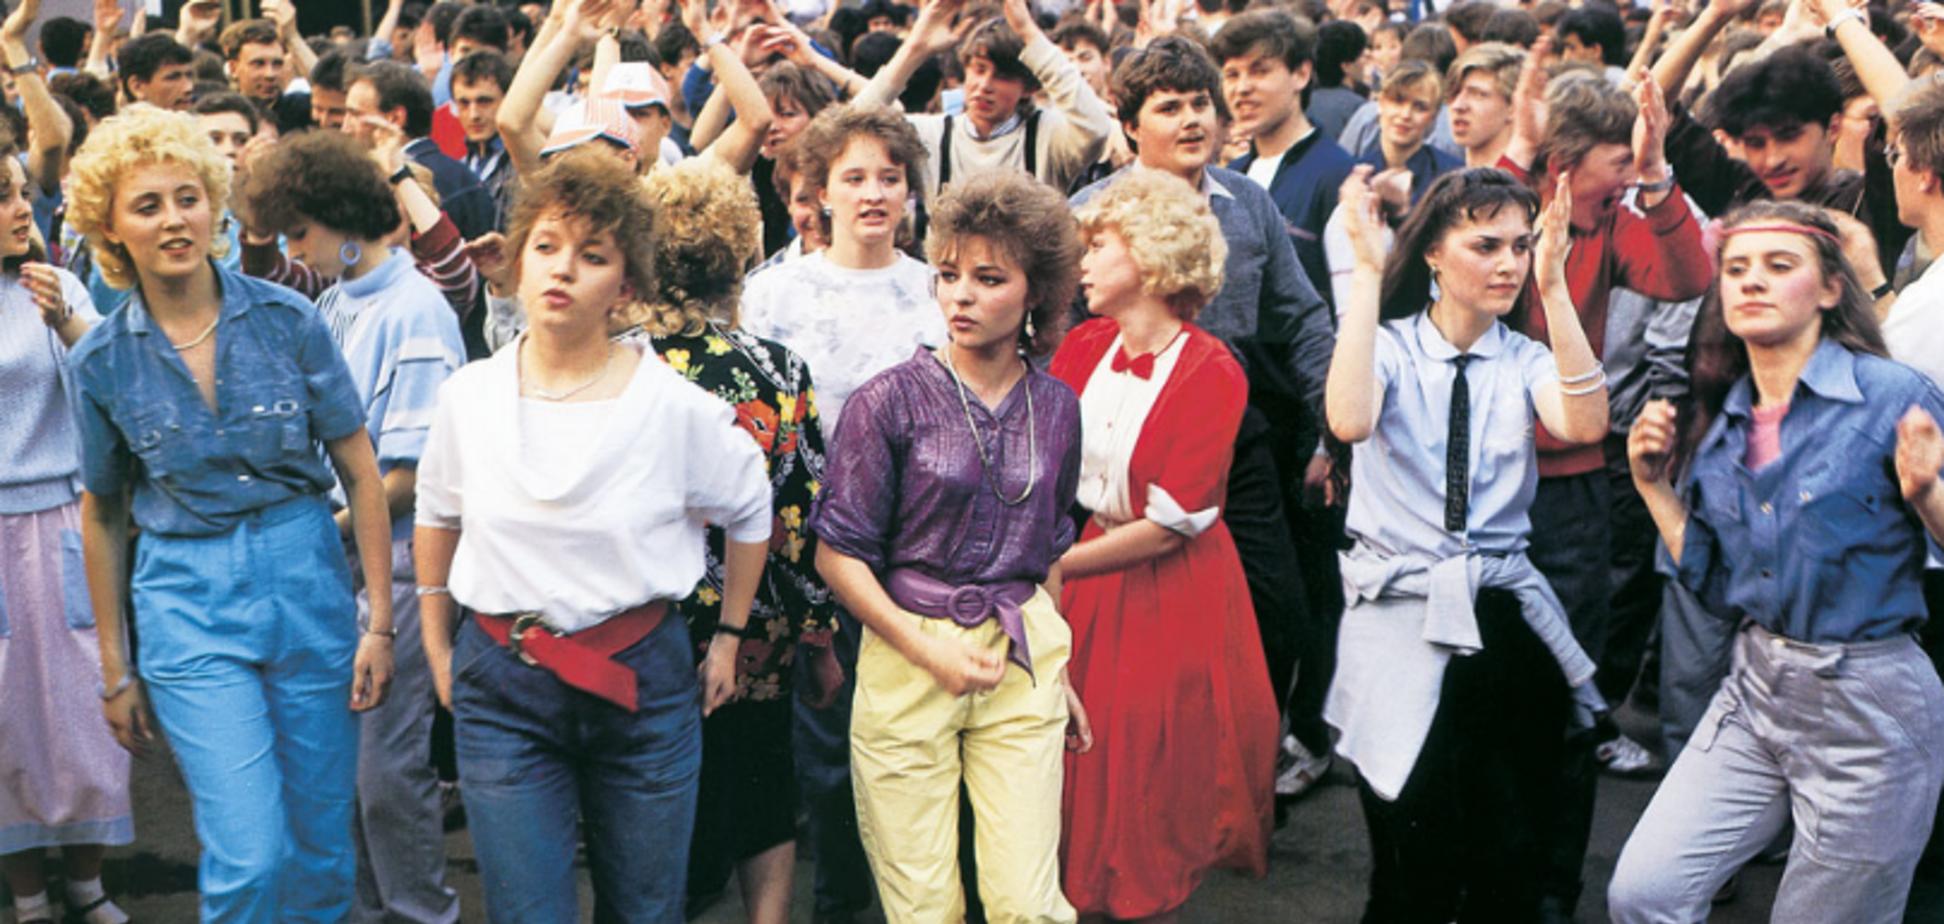 Мода СРСР: як одягалася радянська молодь на дискотеках і що забороняли